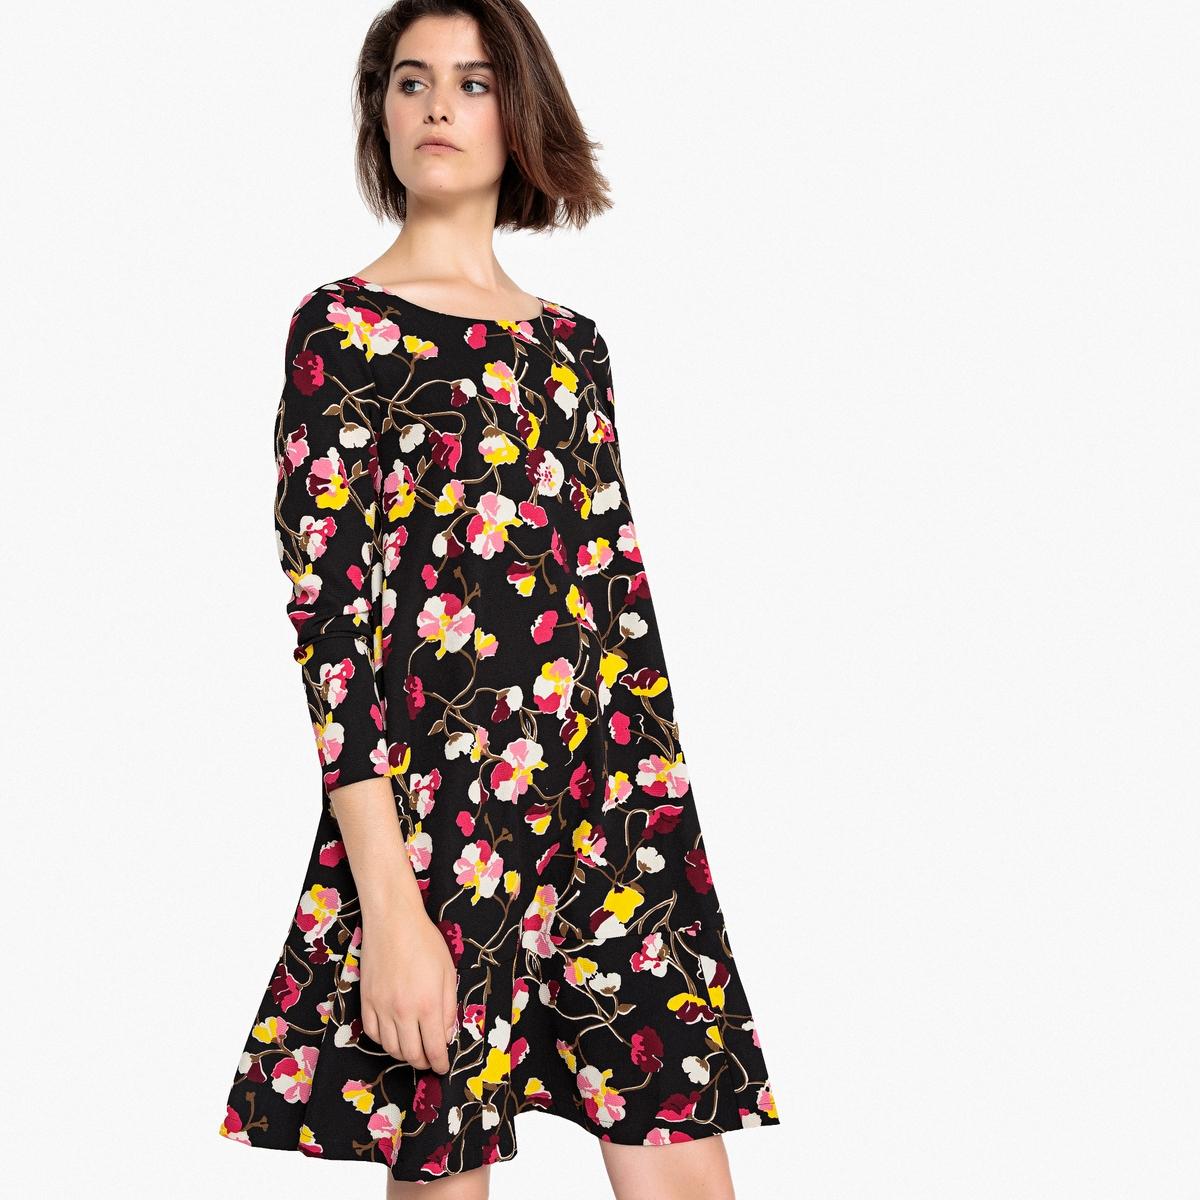 Платье с цветочным принтом, баской и декольте сзади meiller платье с баской